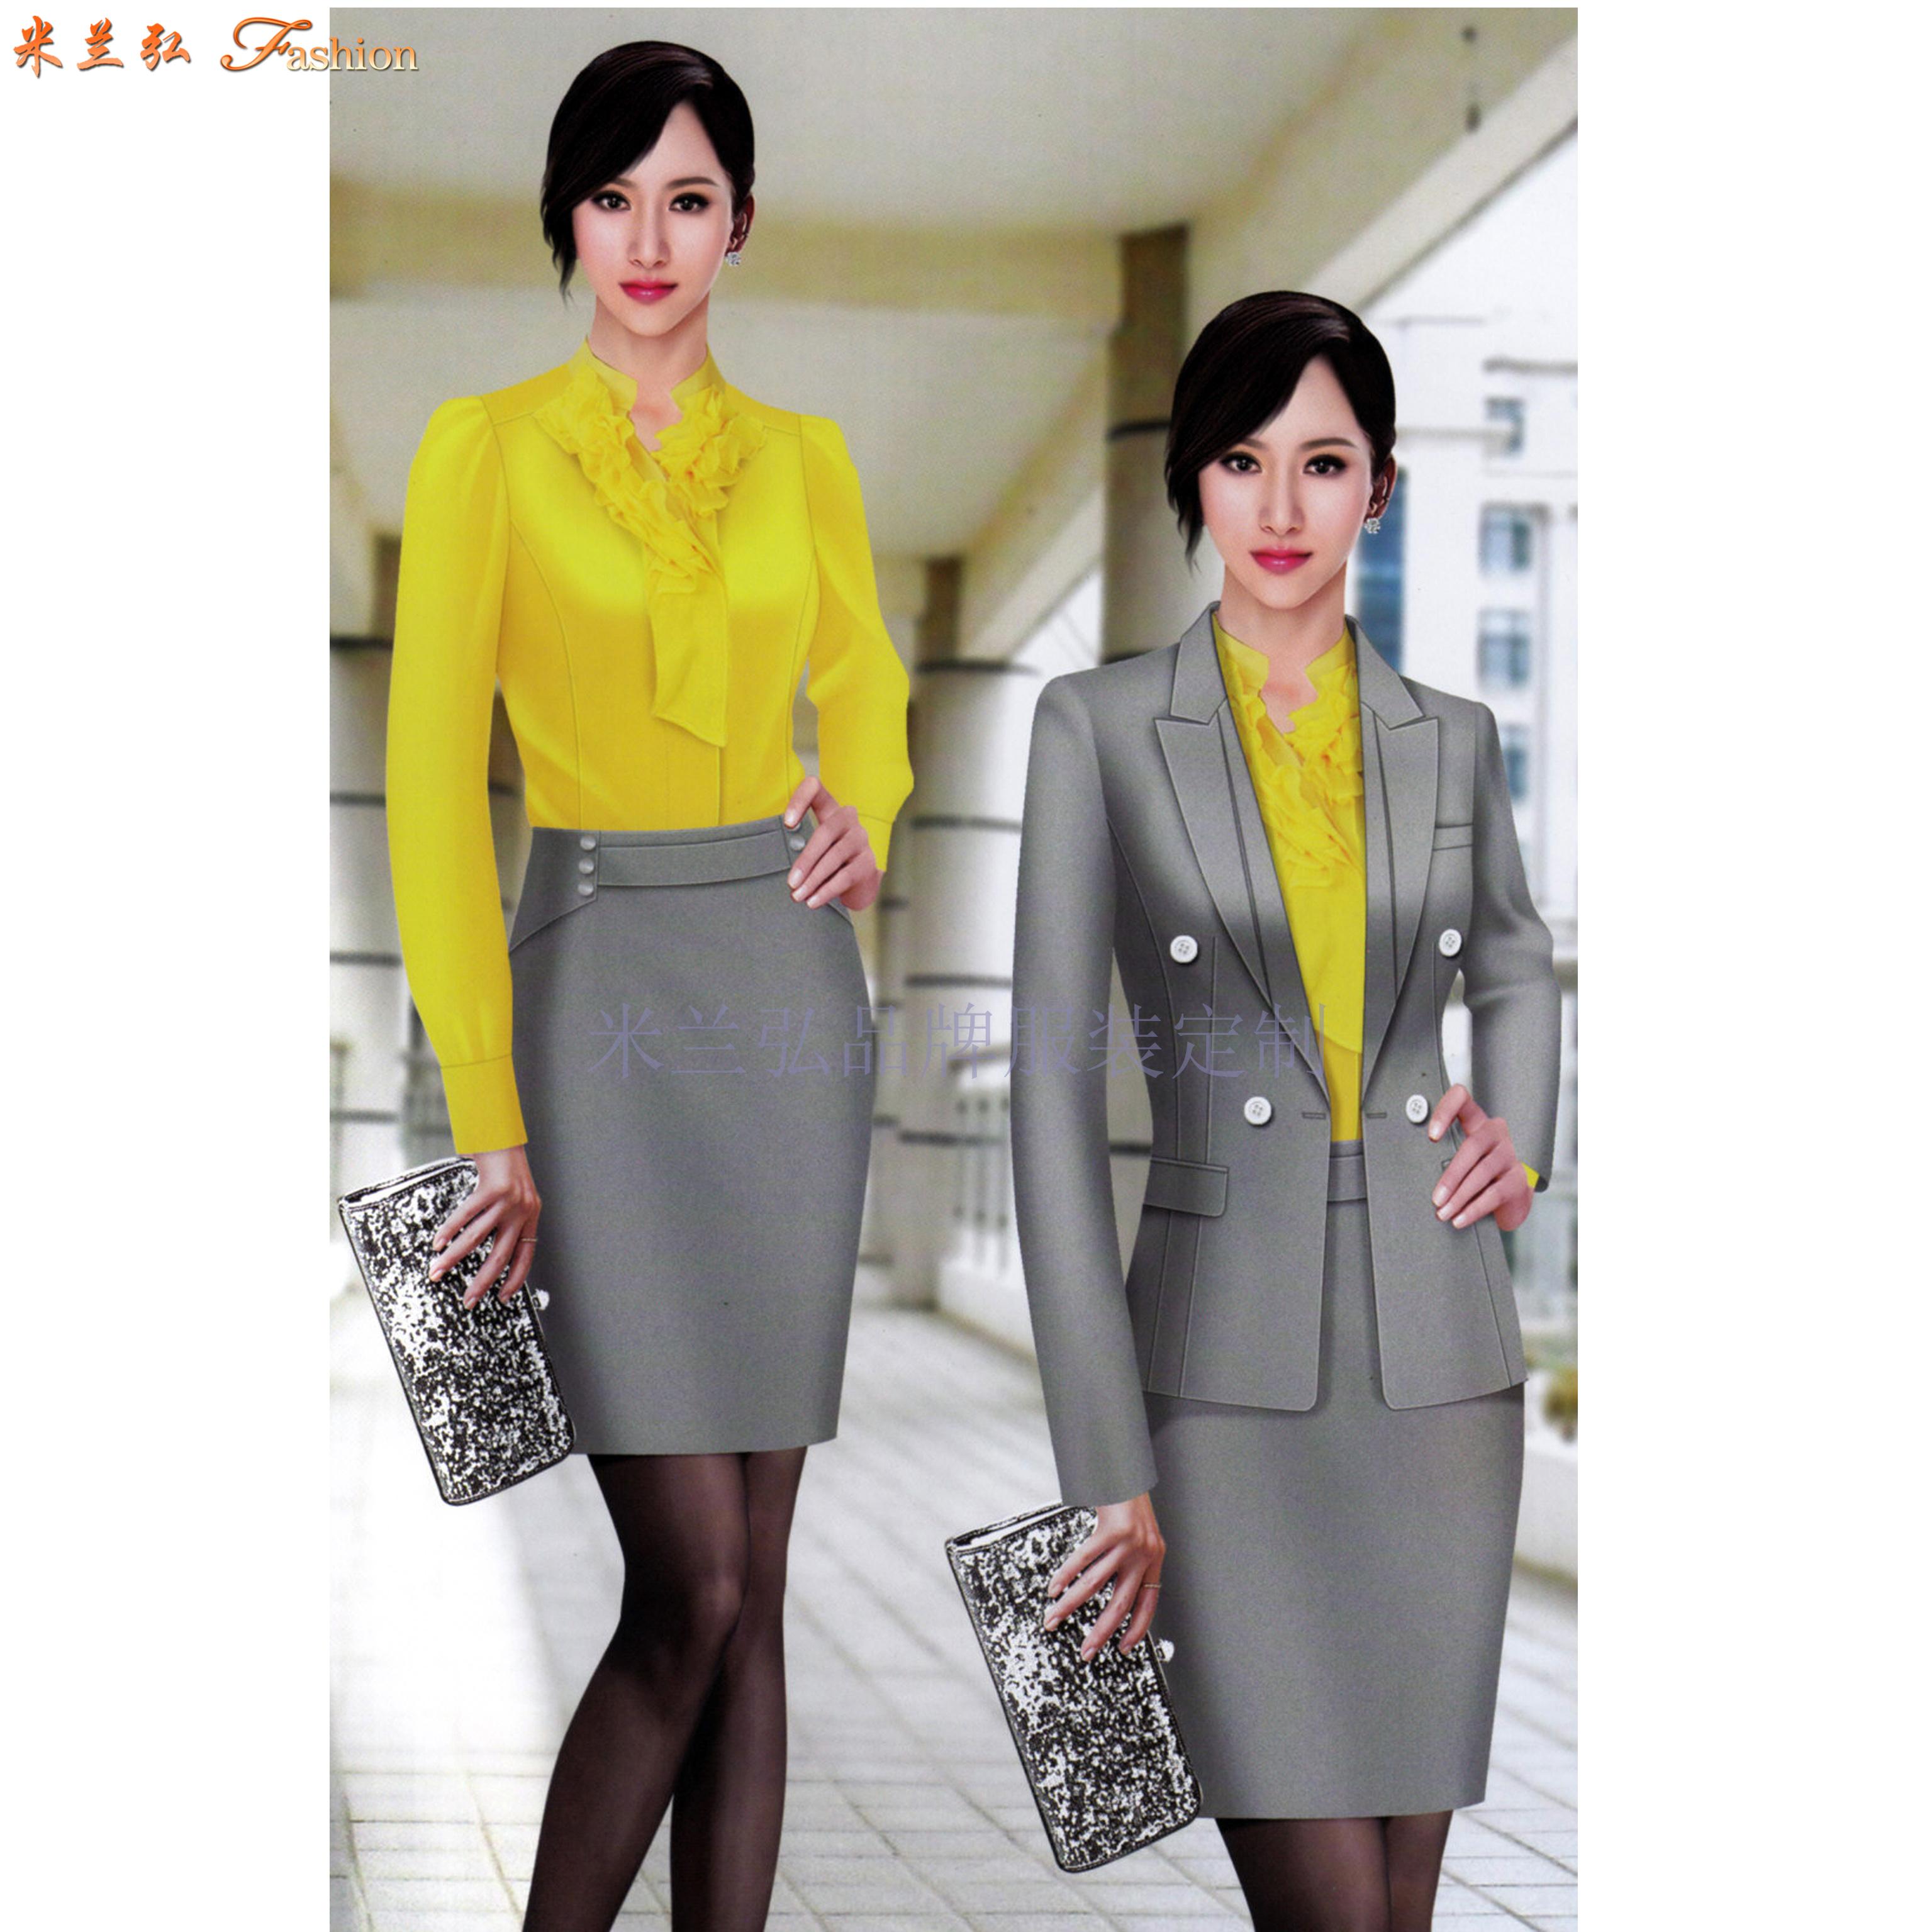 女士冬季職業裝搭配款式套裝_新款潮流女式職業裝-米蘭弘職業裝-2